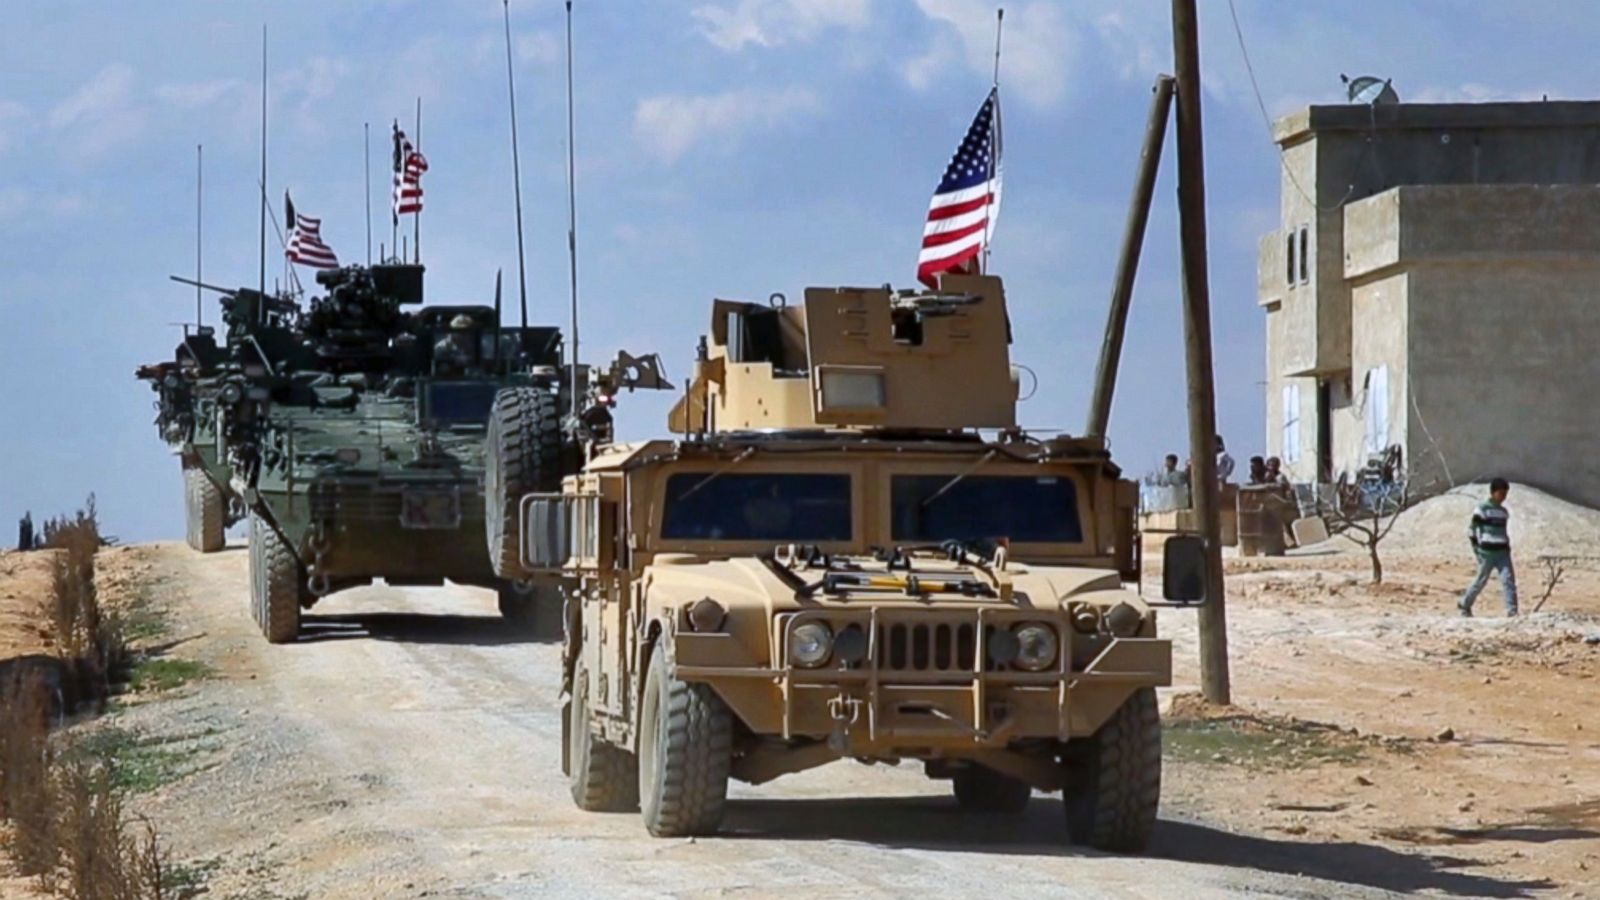 美撤军是引以为戒?特朗普:苏联因阿富汗战争解体